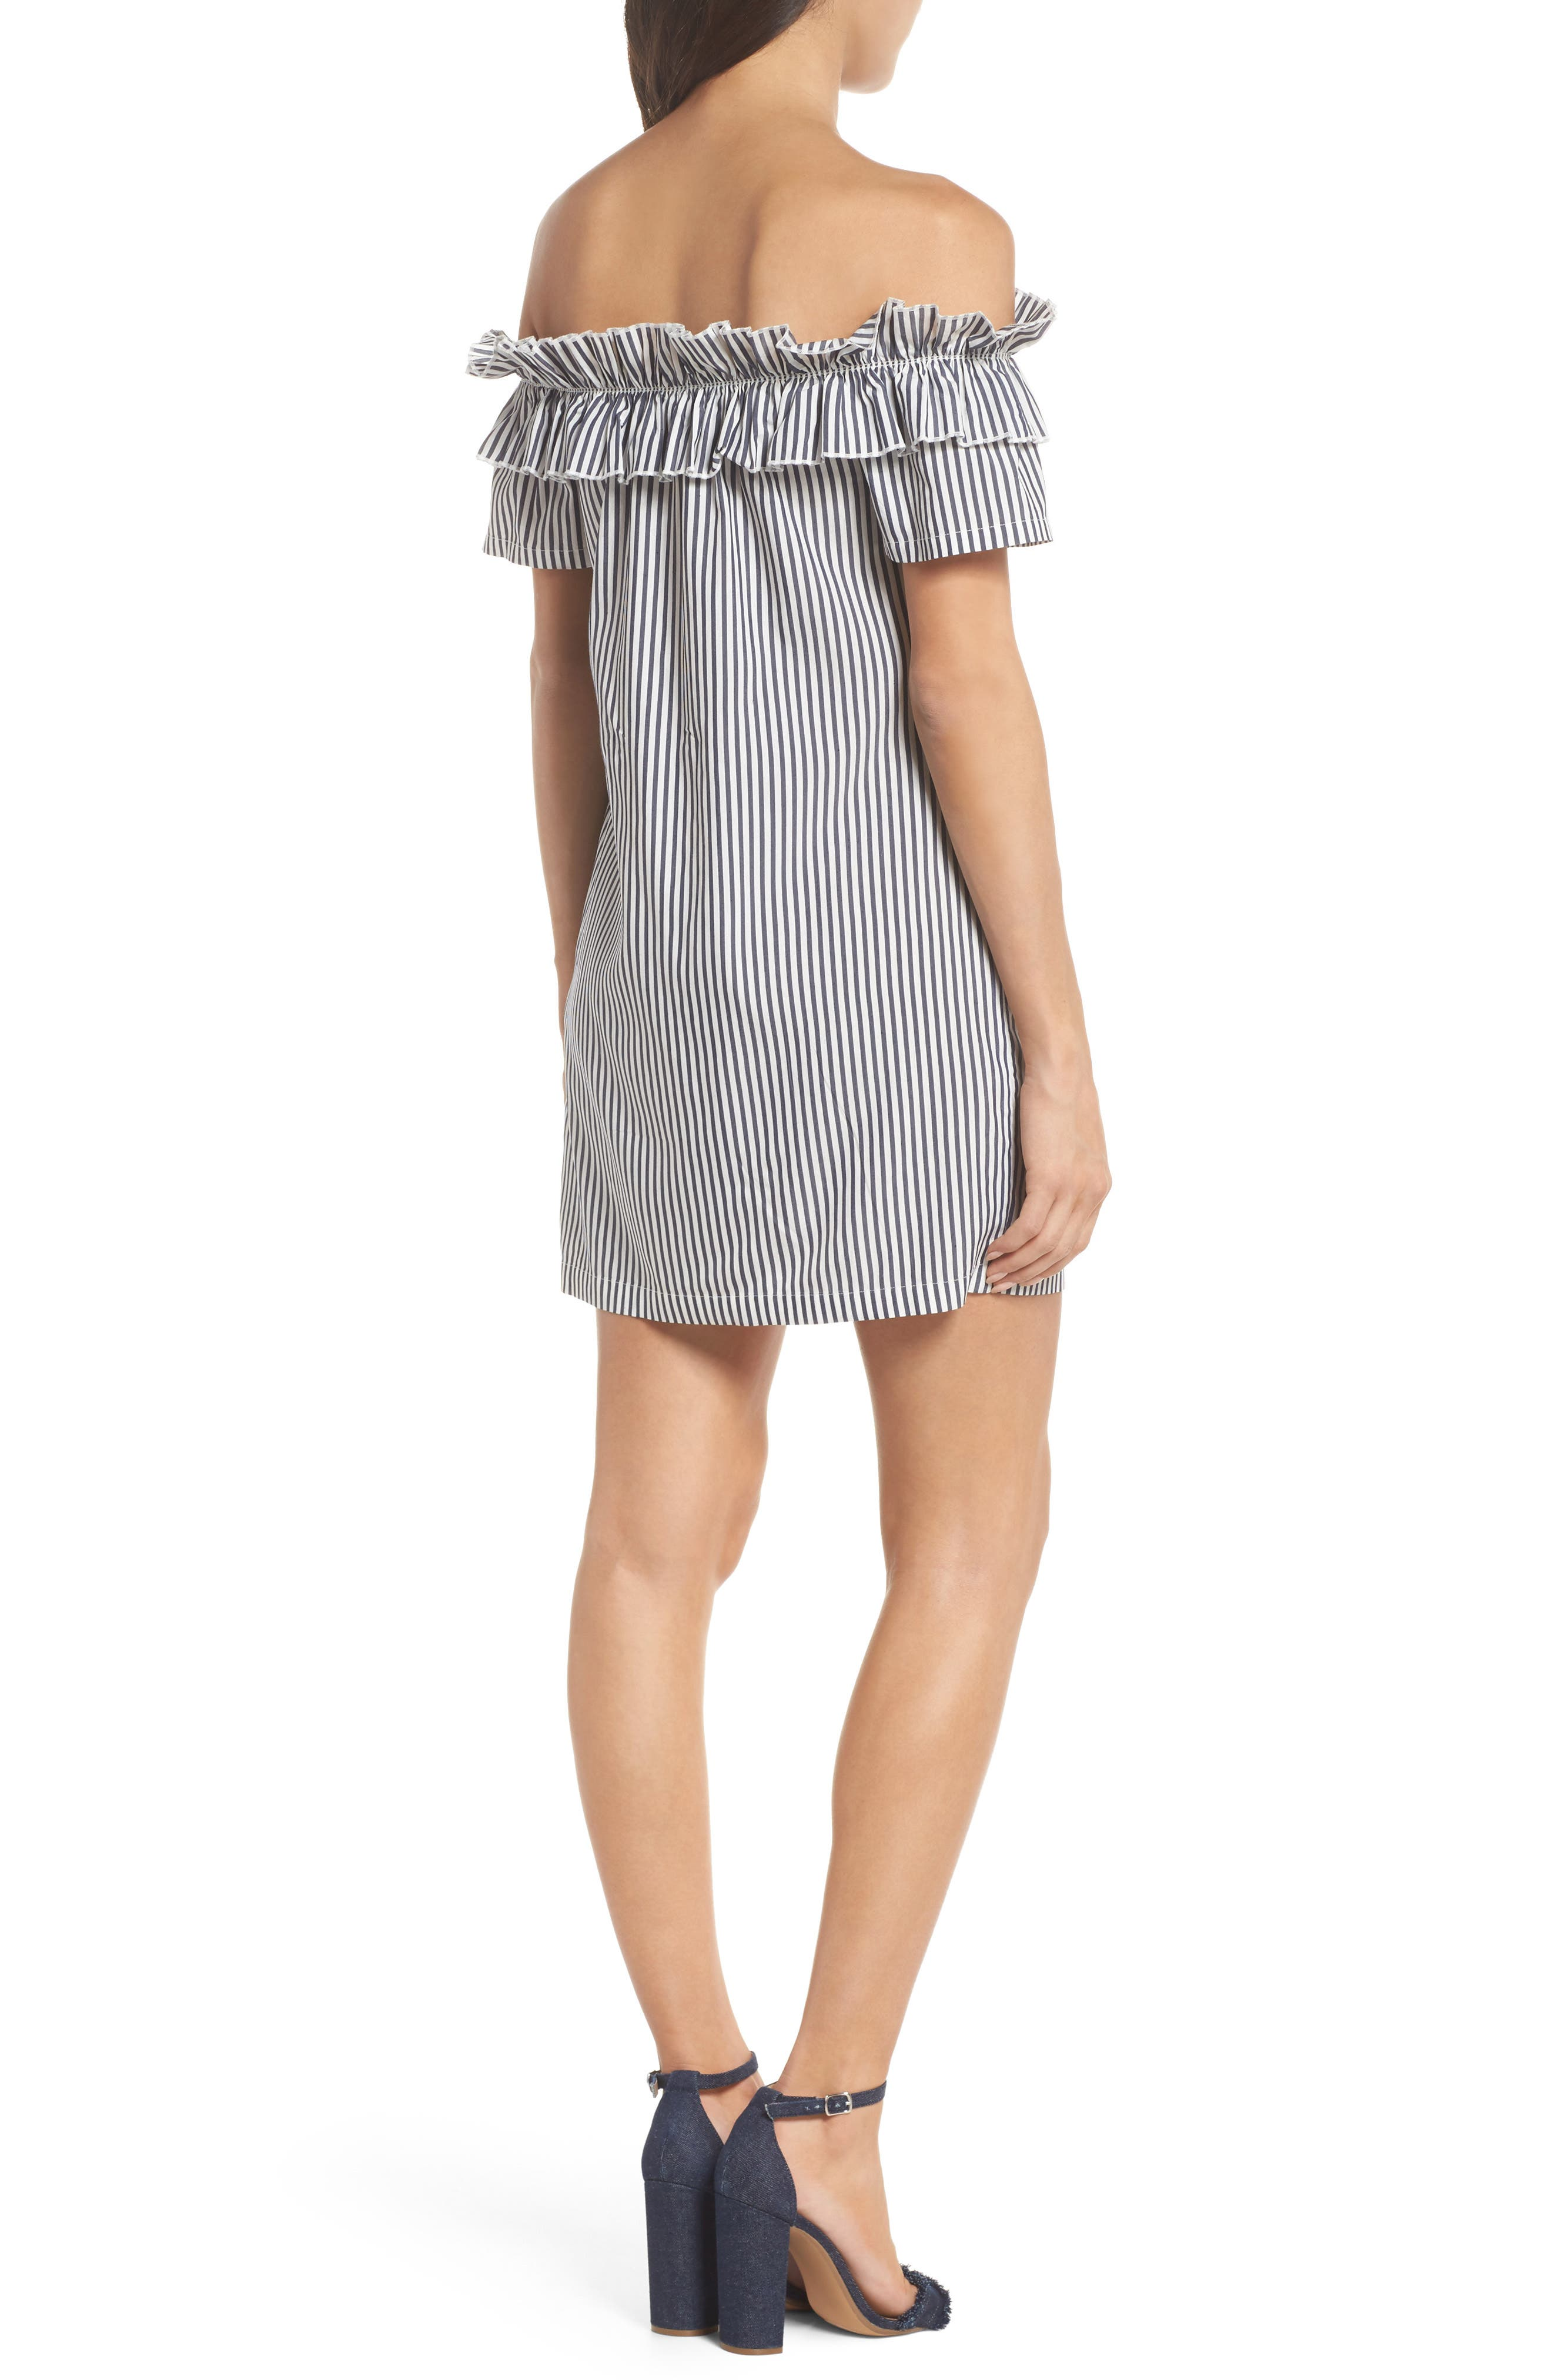 Patio Only Stripe Minidress,                             Alternate thumbnail 2, color,                             Navy/ White Mini Stripe